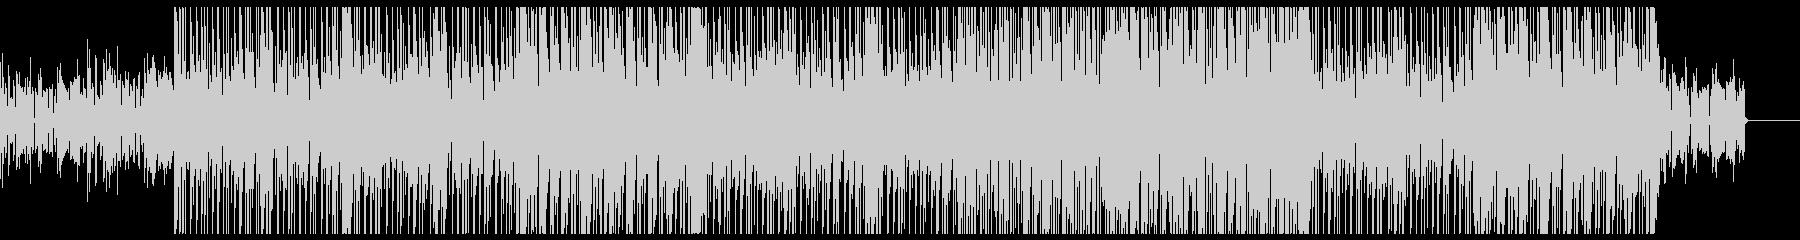 グルービーなエレクトリック・ファンクの未再生の波形